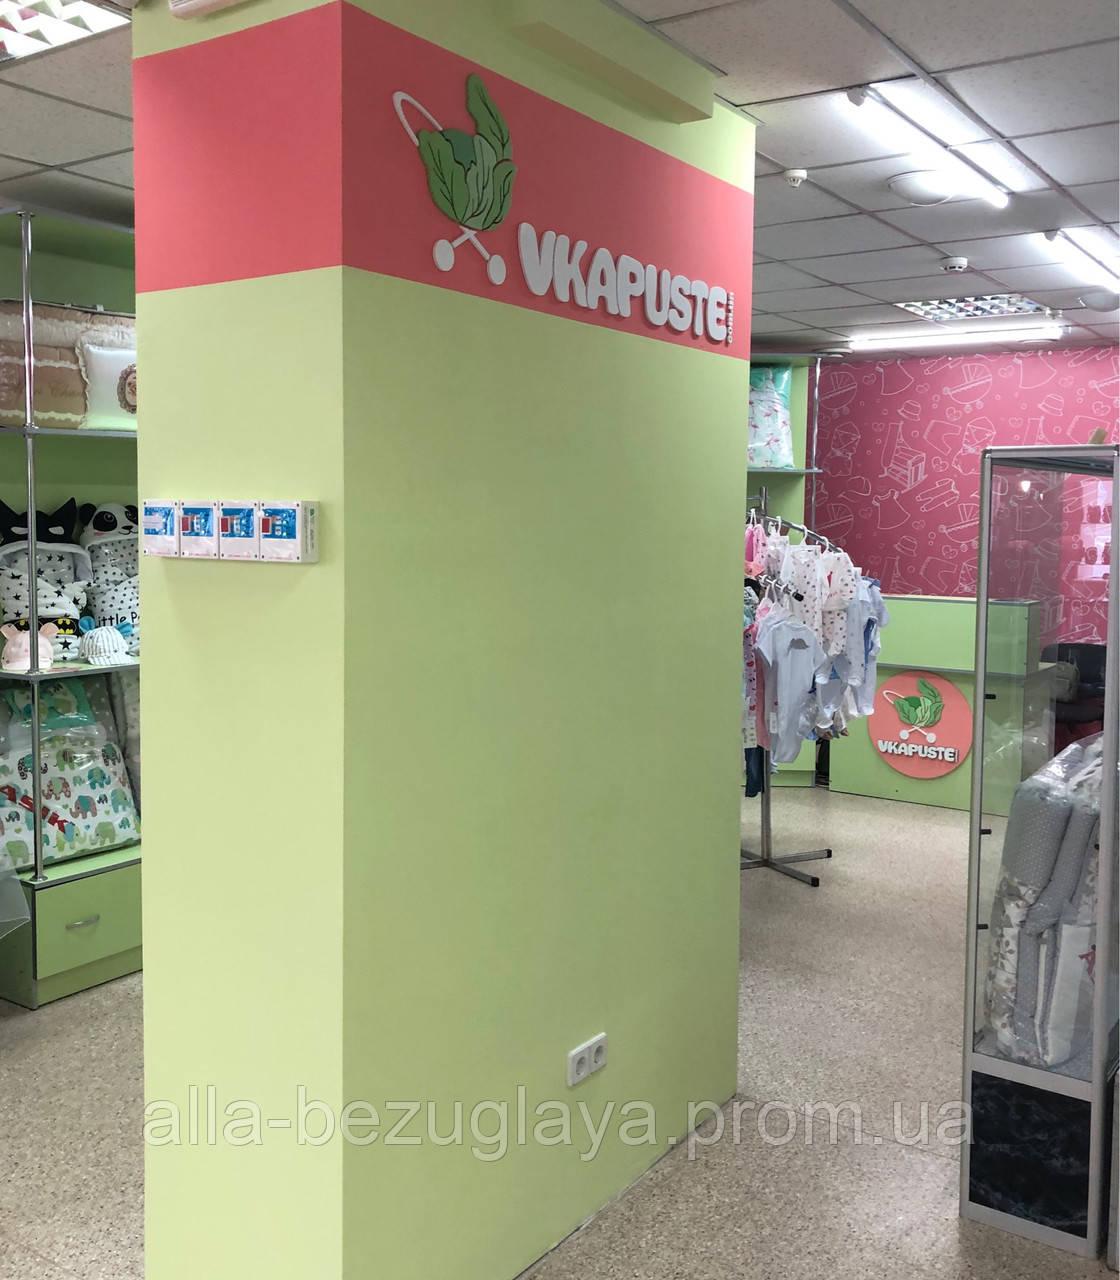 Наш шоурум (магазин та пункт самовивозу) відкритий